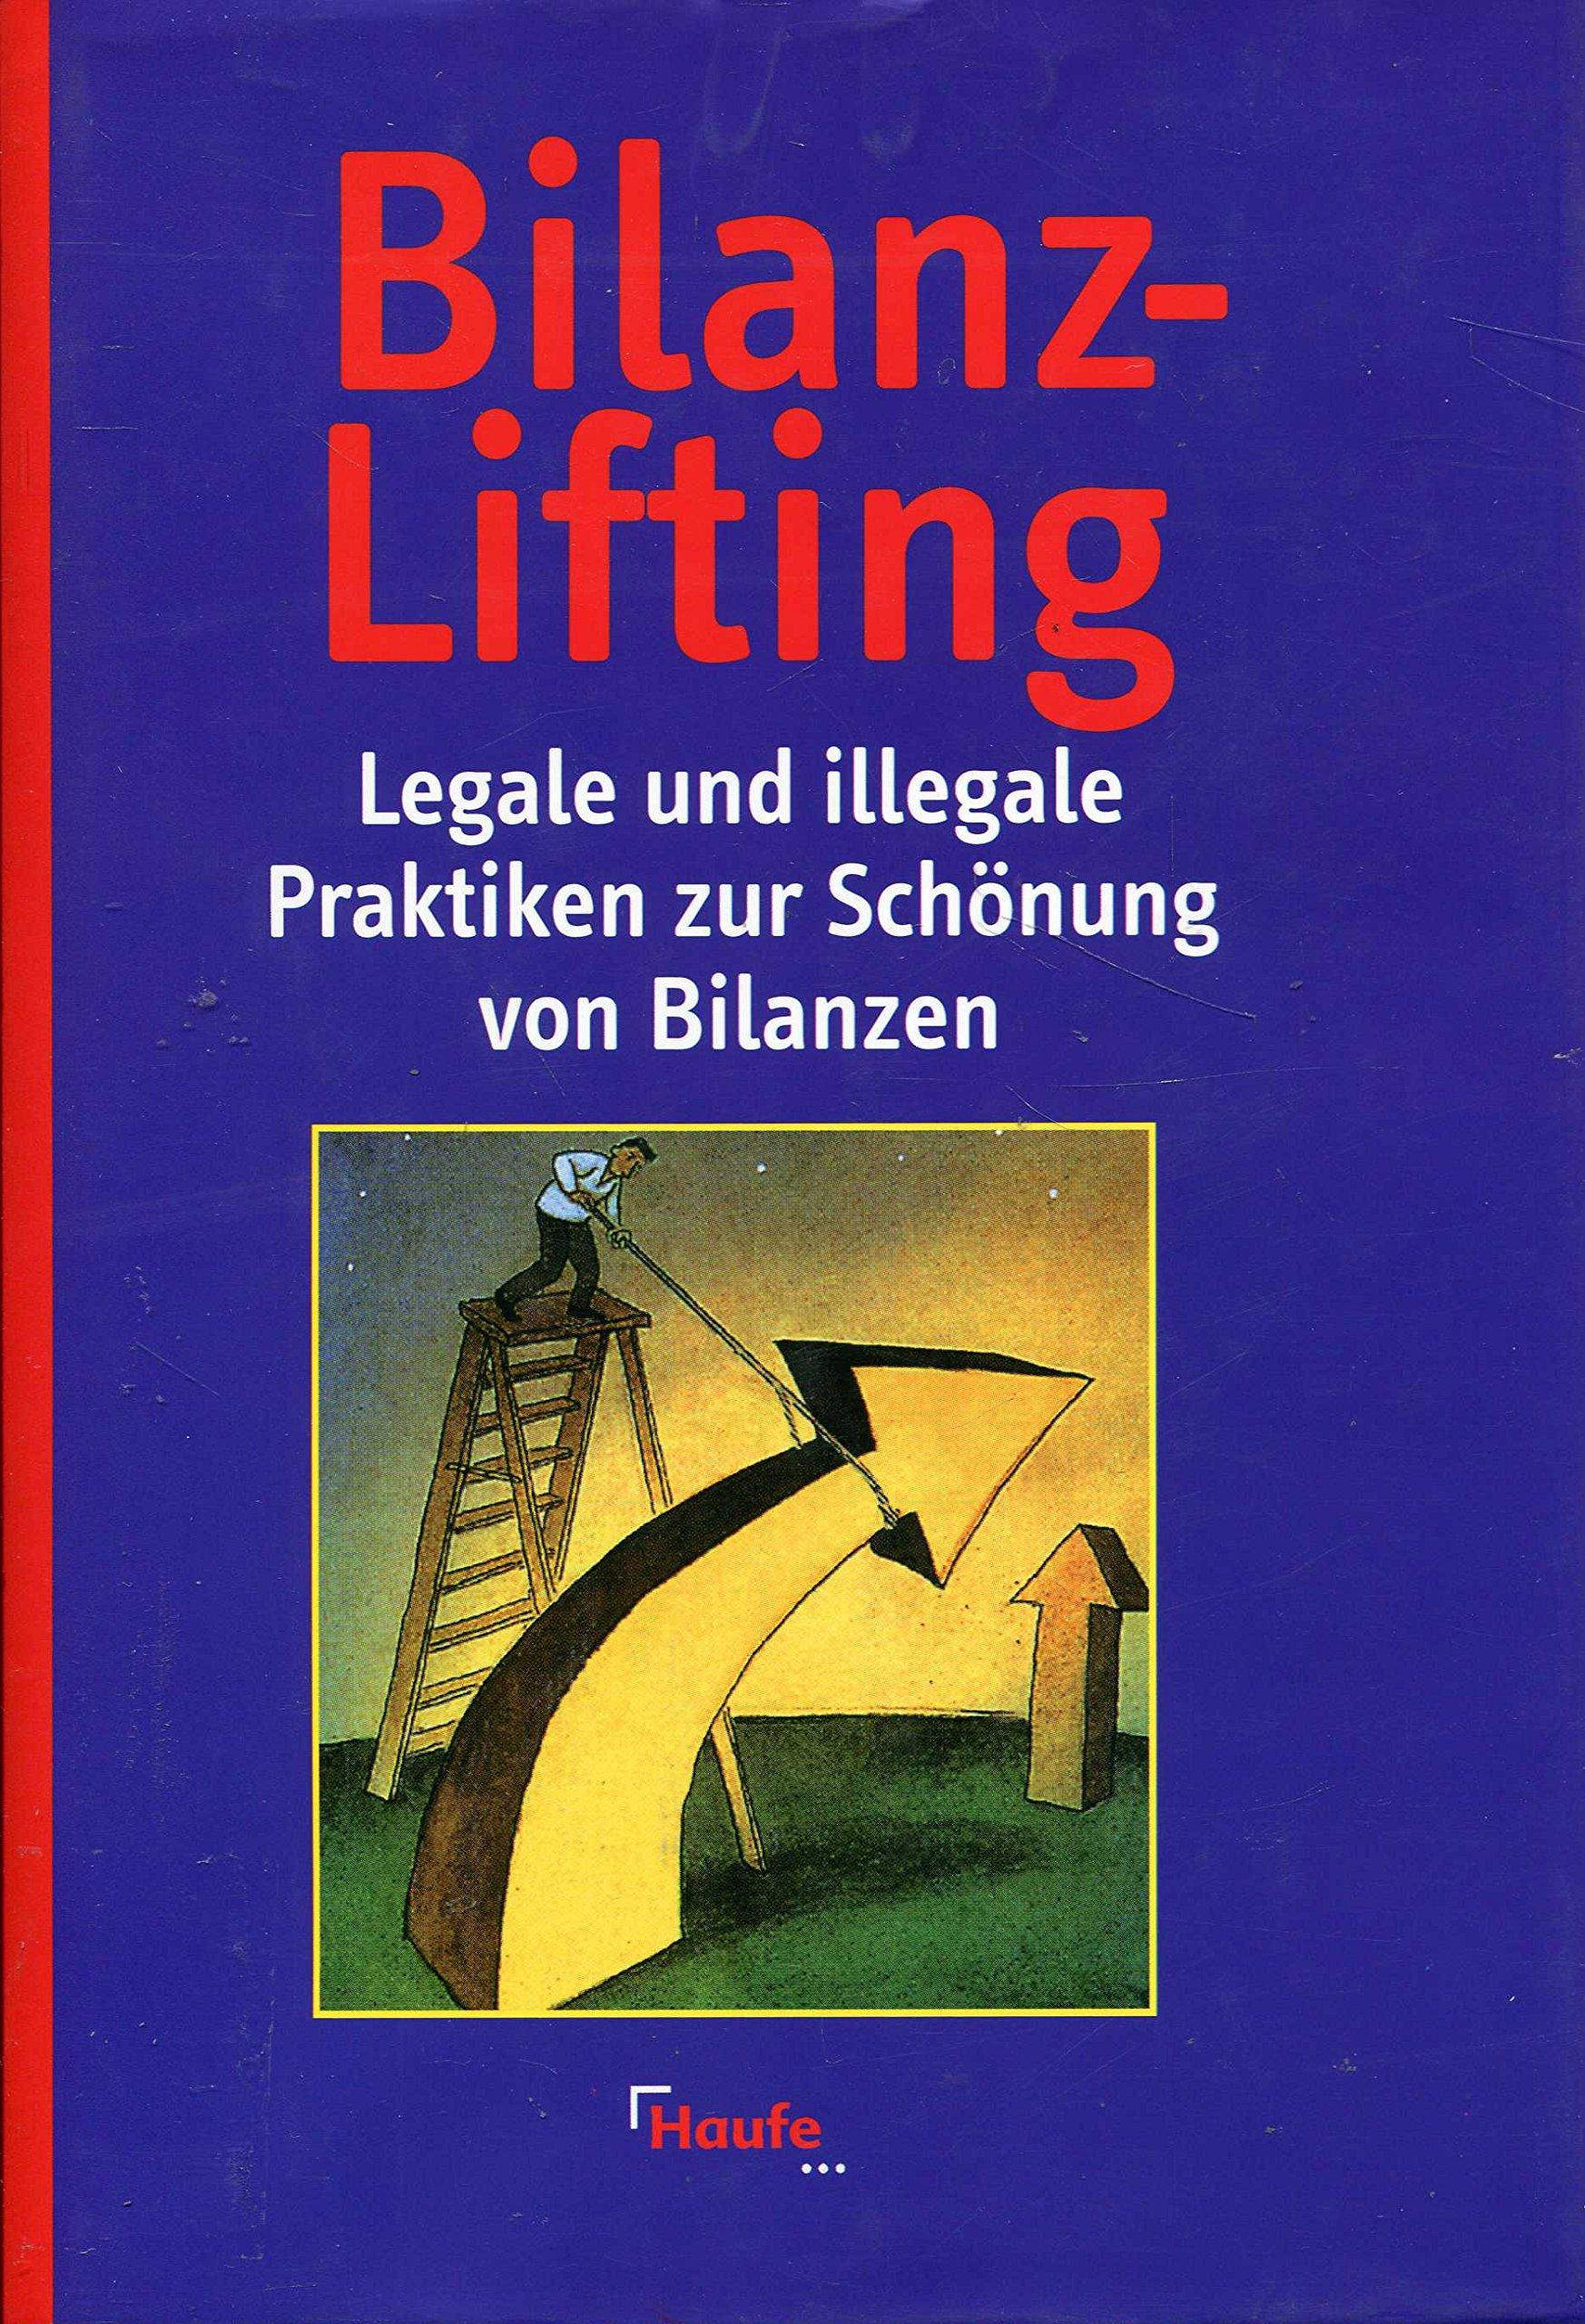 Bilanz- Lifting. Legale und illegale Praktiken zur Schönung von Bilanzen